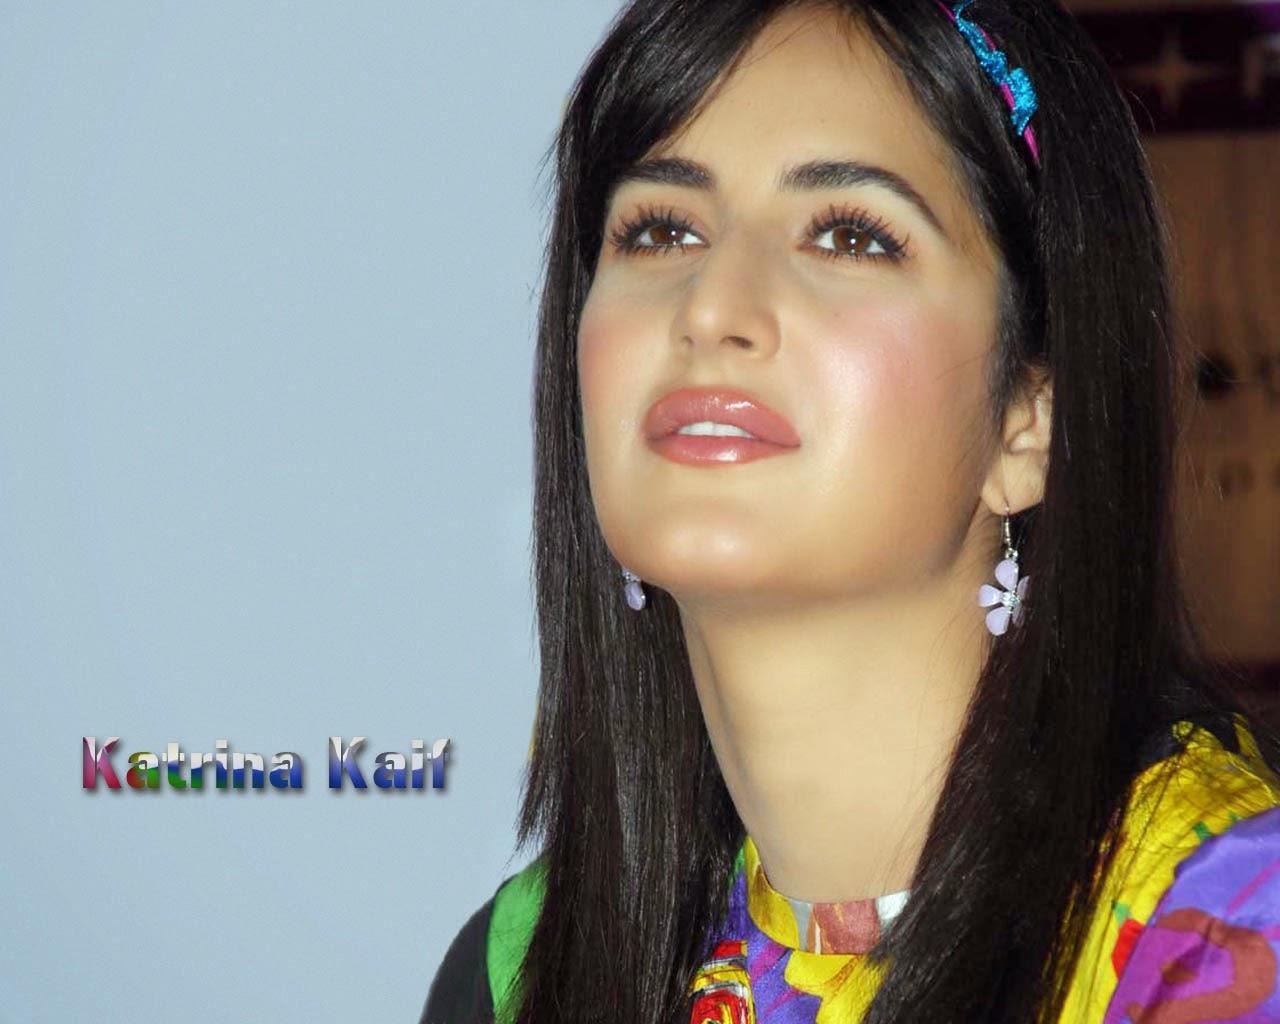 Katrina Kaif Bollywood Most Famous Wallpapers